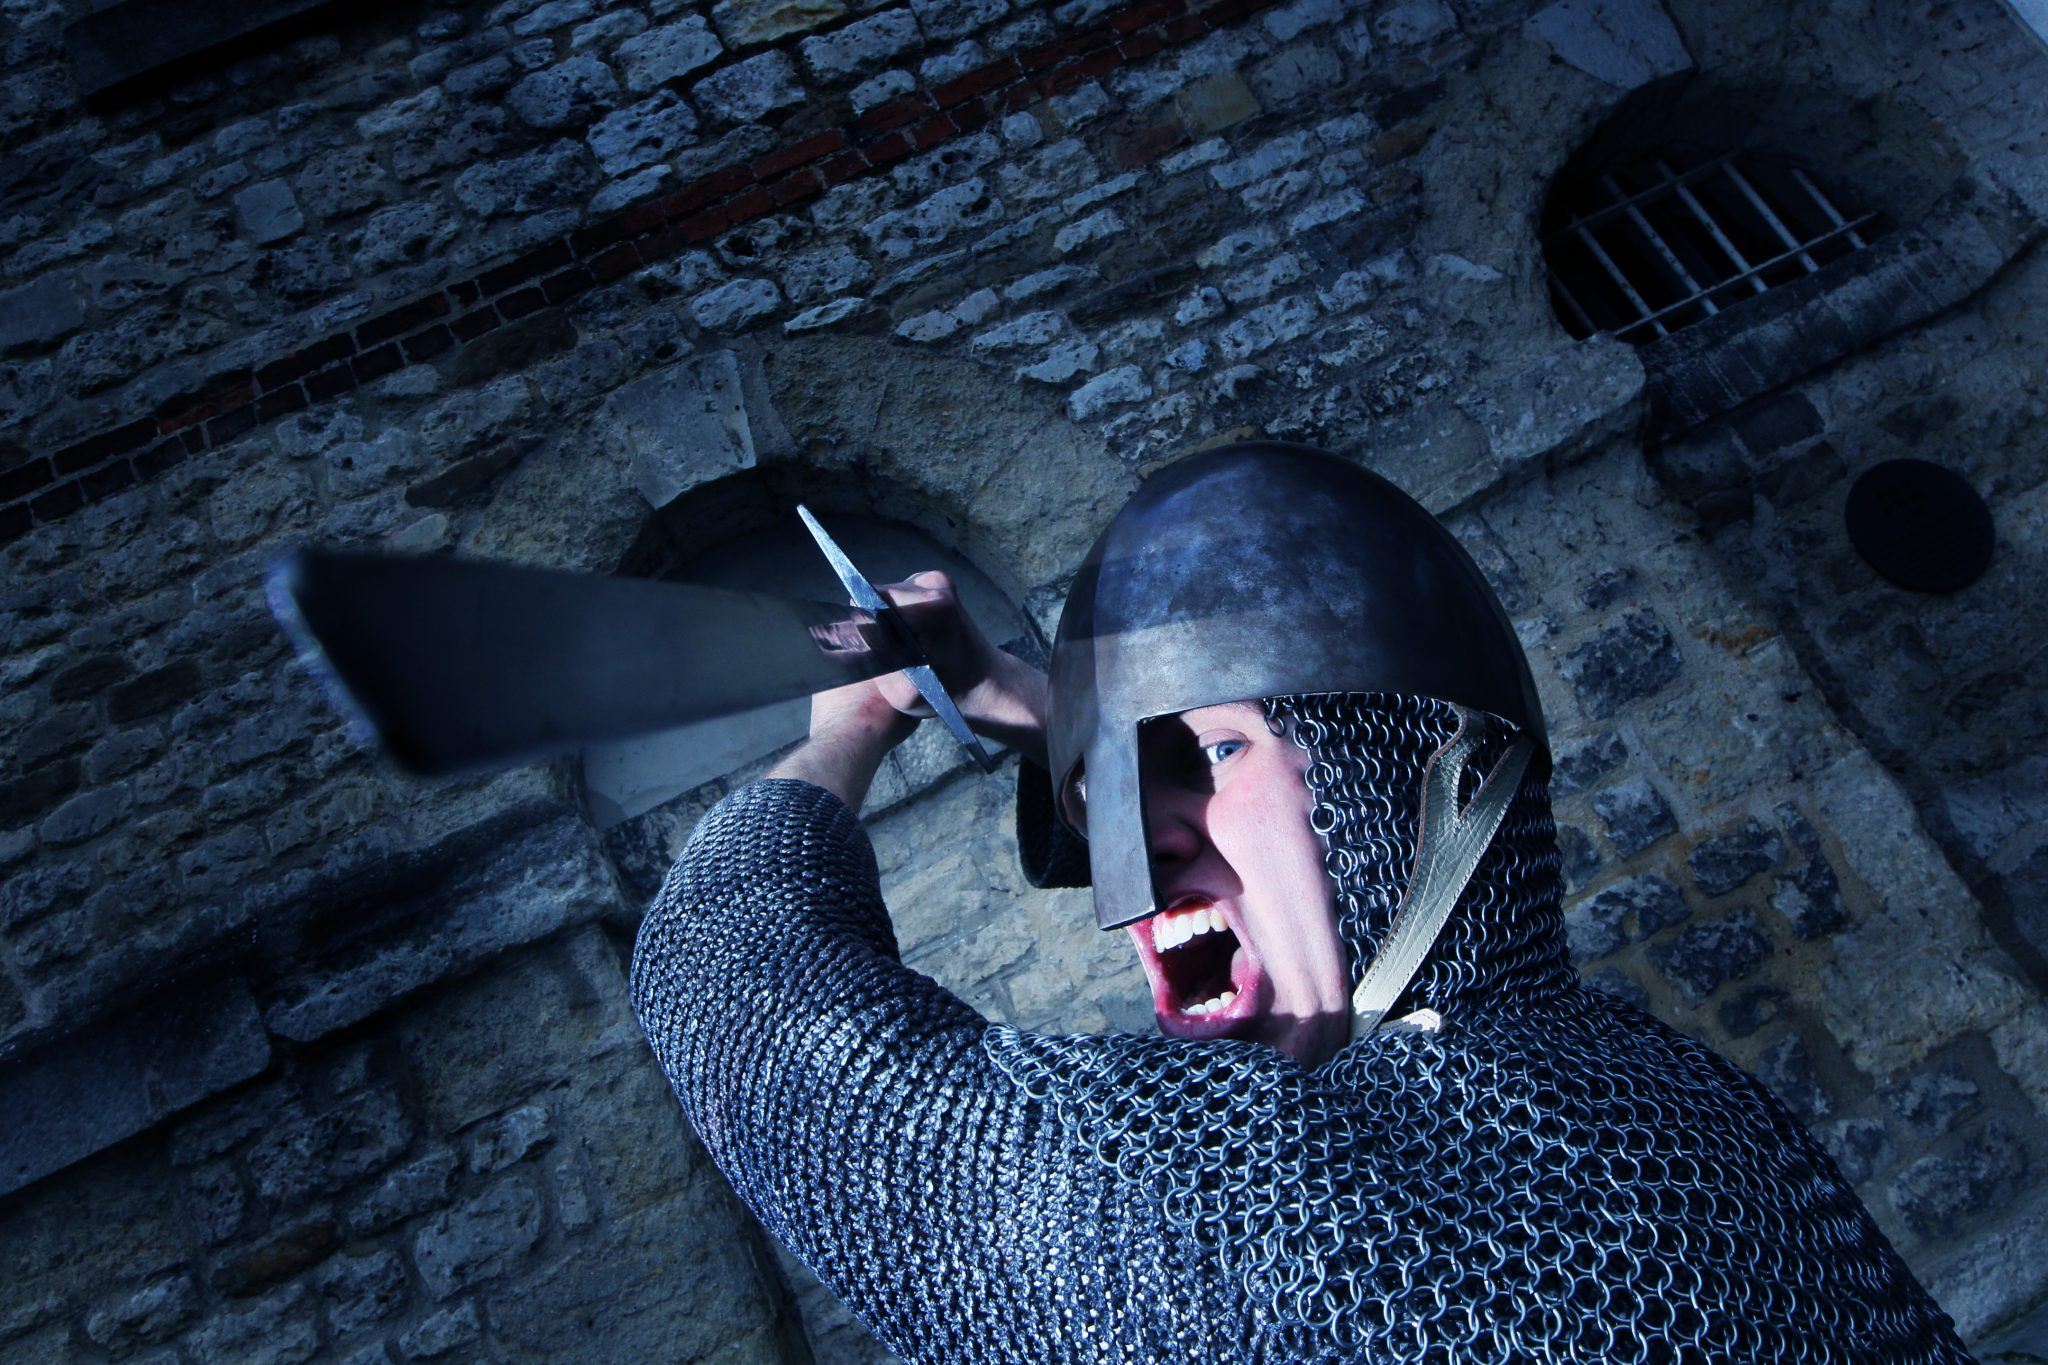 Oxford Castle & Prison